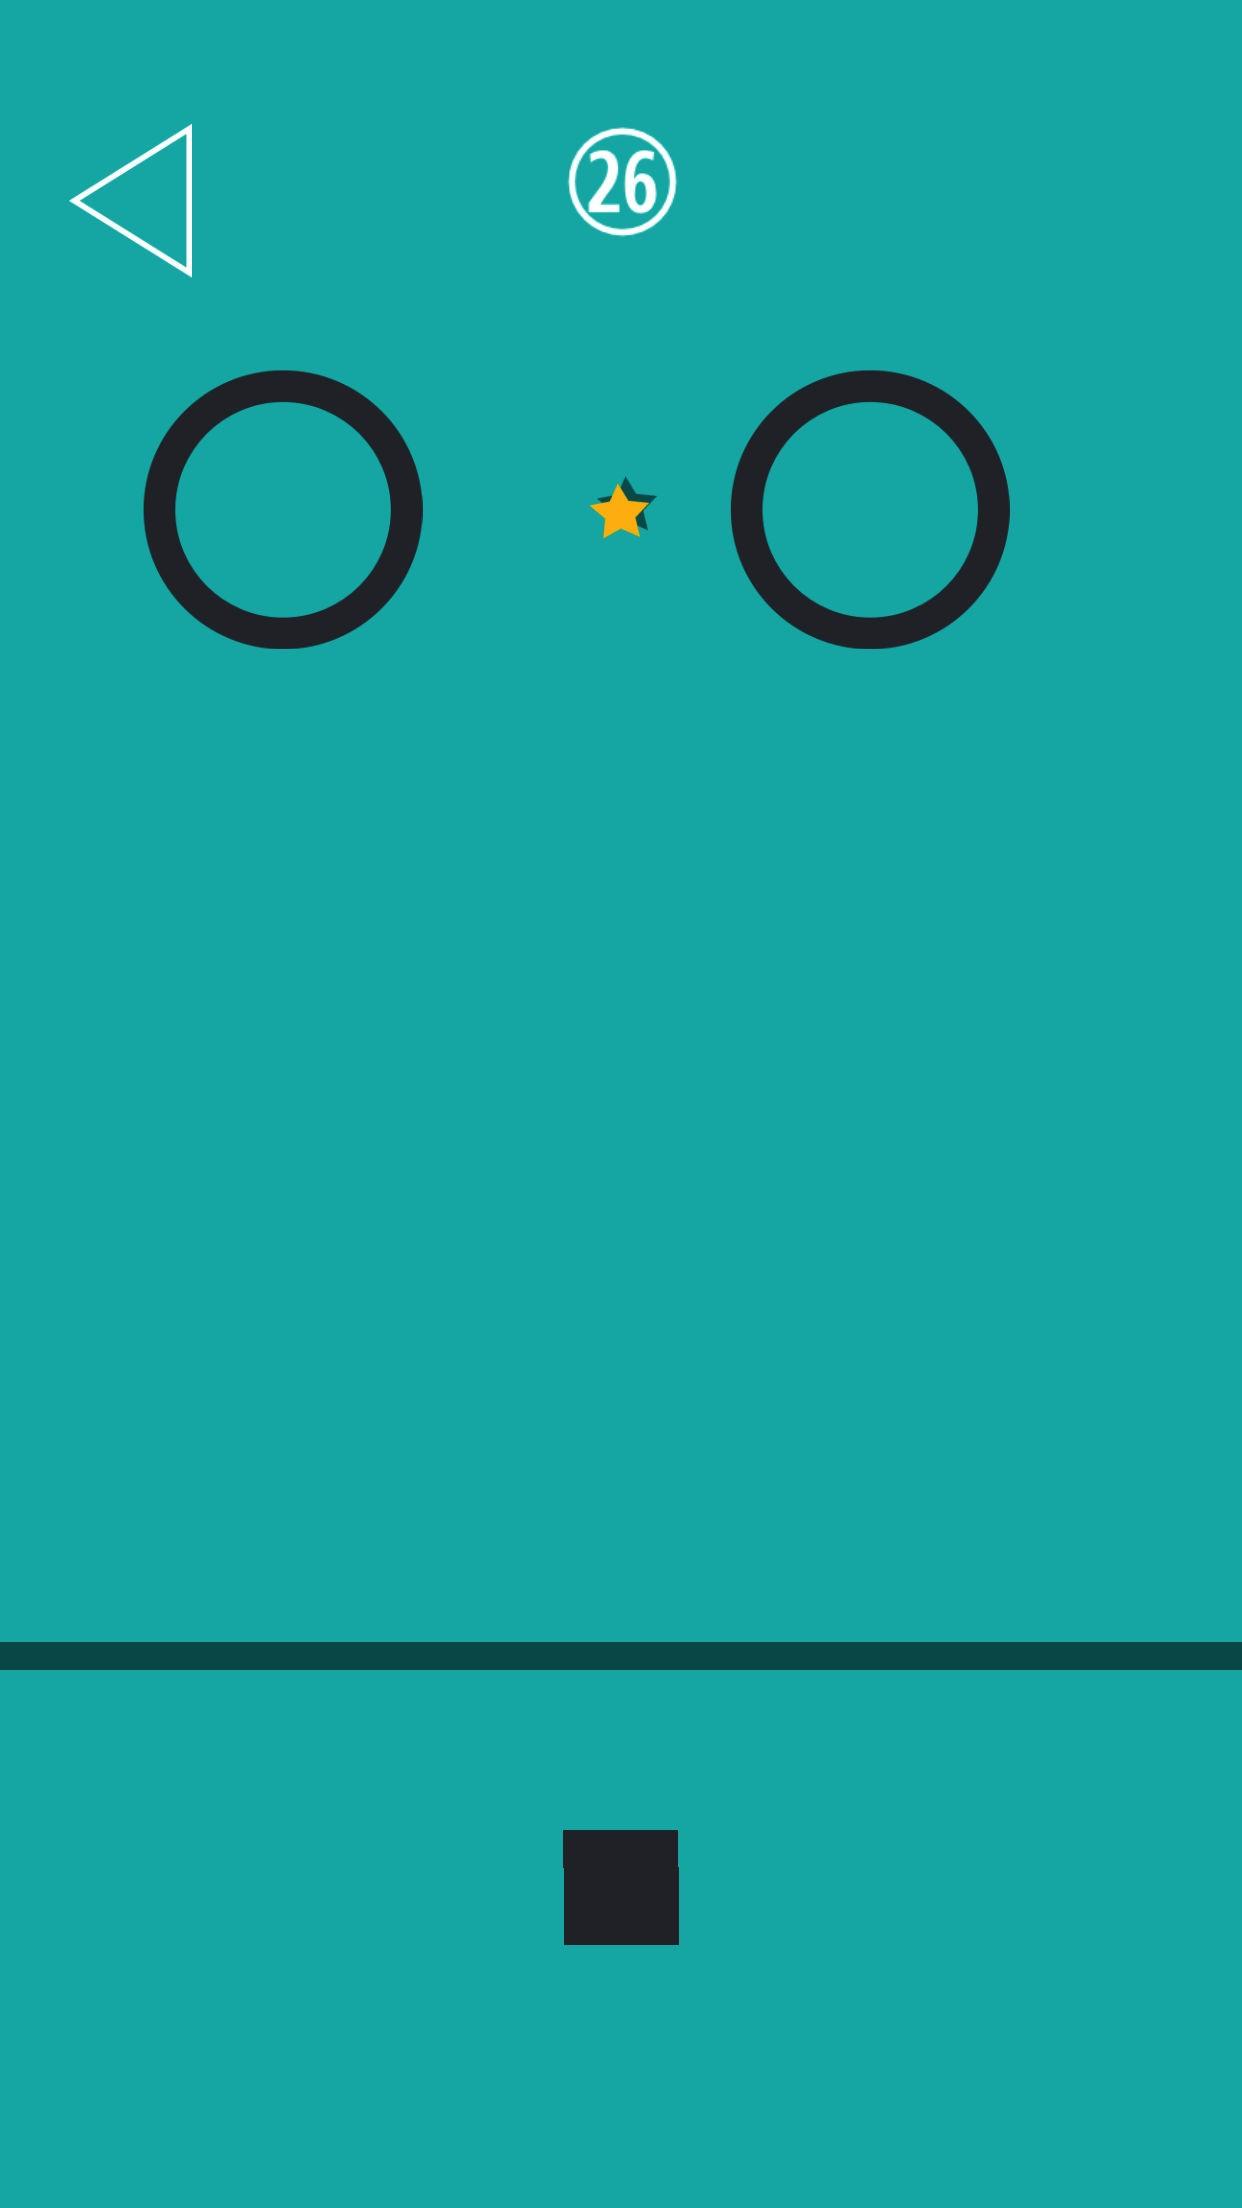 Character Design Shuffle App : Shuffle square